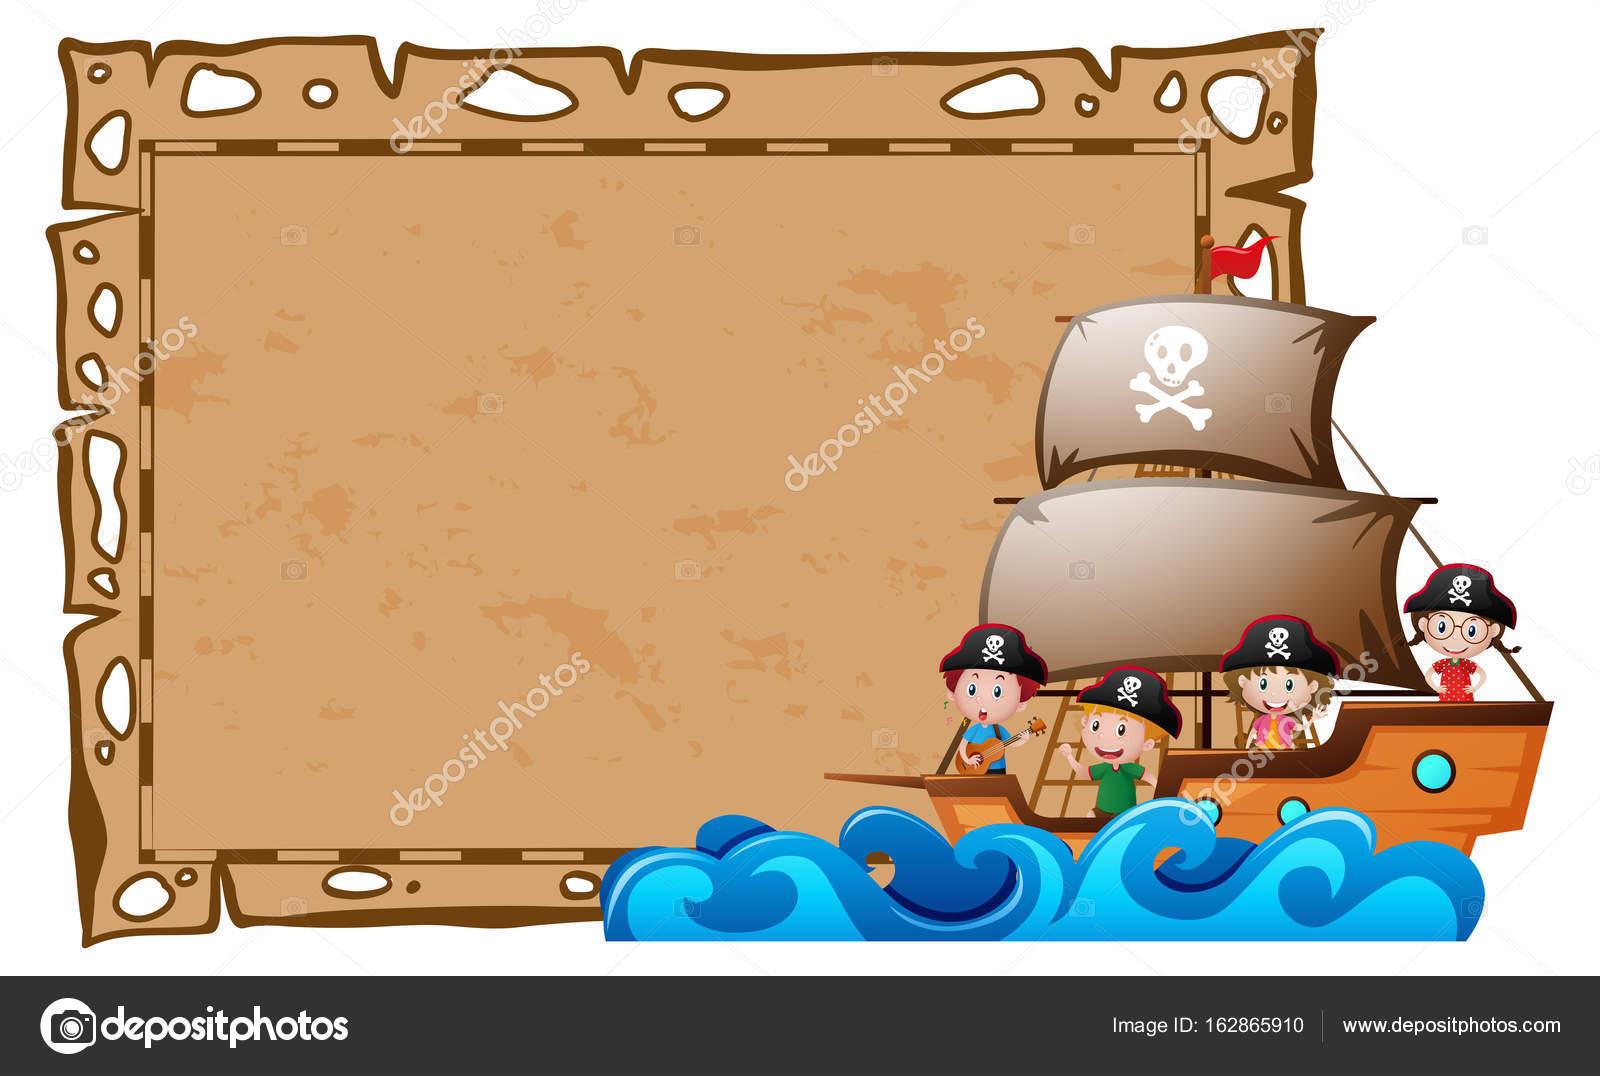 Plantilla de la frontera con niños como piratas — Archivo Imágenes ...